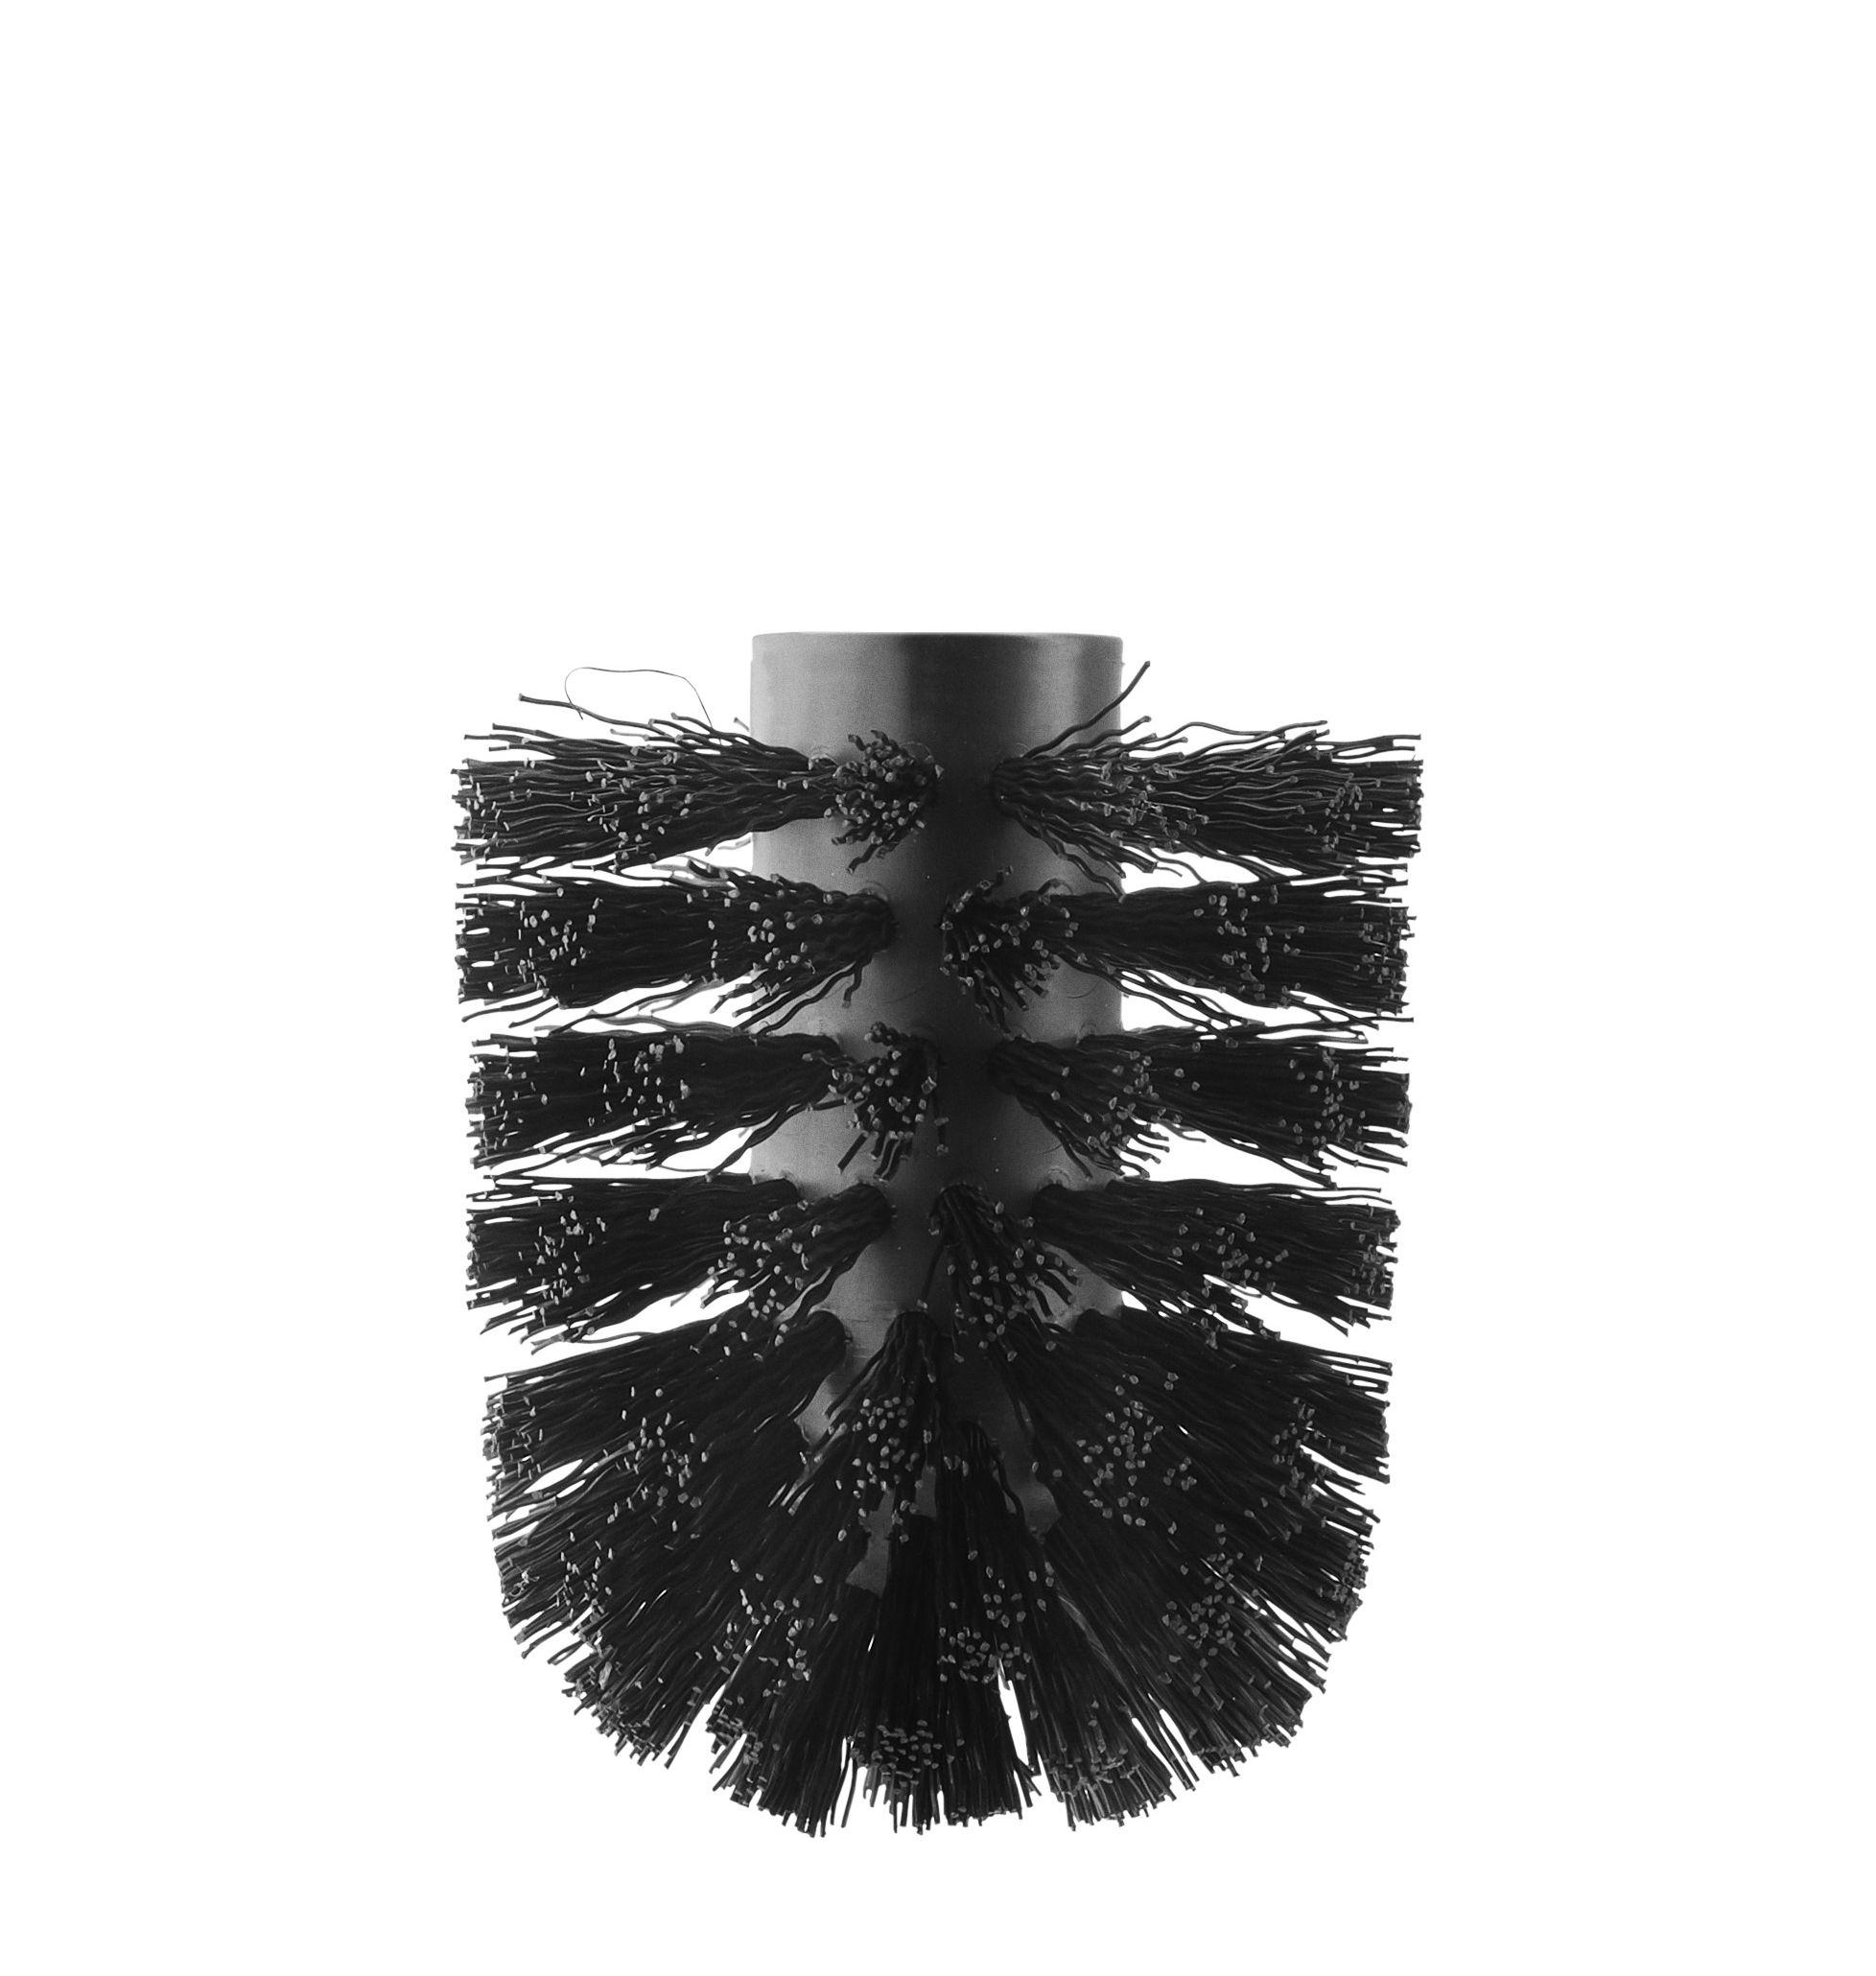 Accessoires - Accessoires salle de bains - Brosse de rechange / Pour brosse WC Eva Solo - Eva Solo - Noir - Plastique